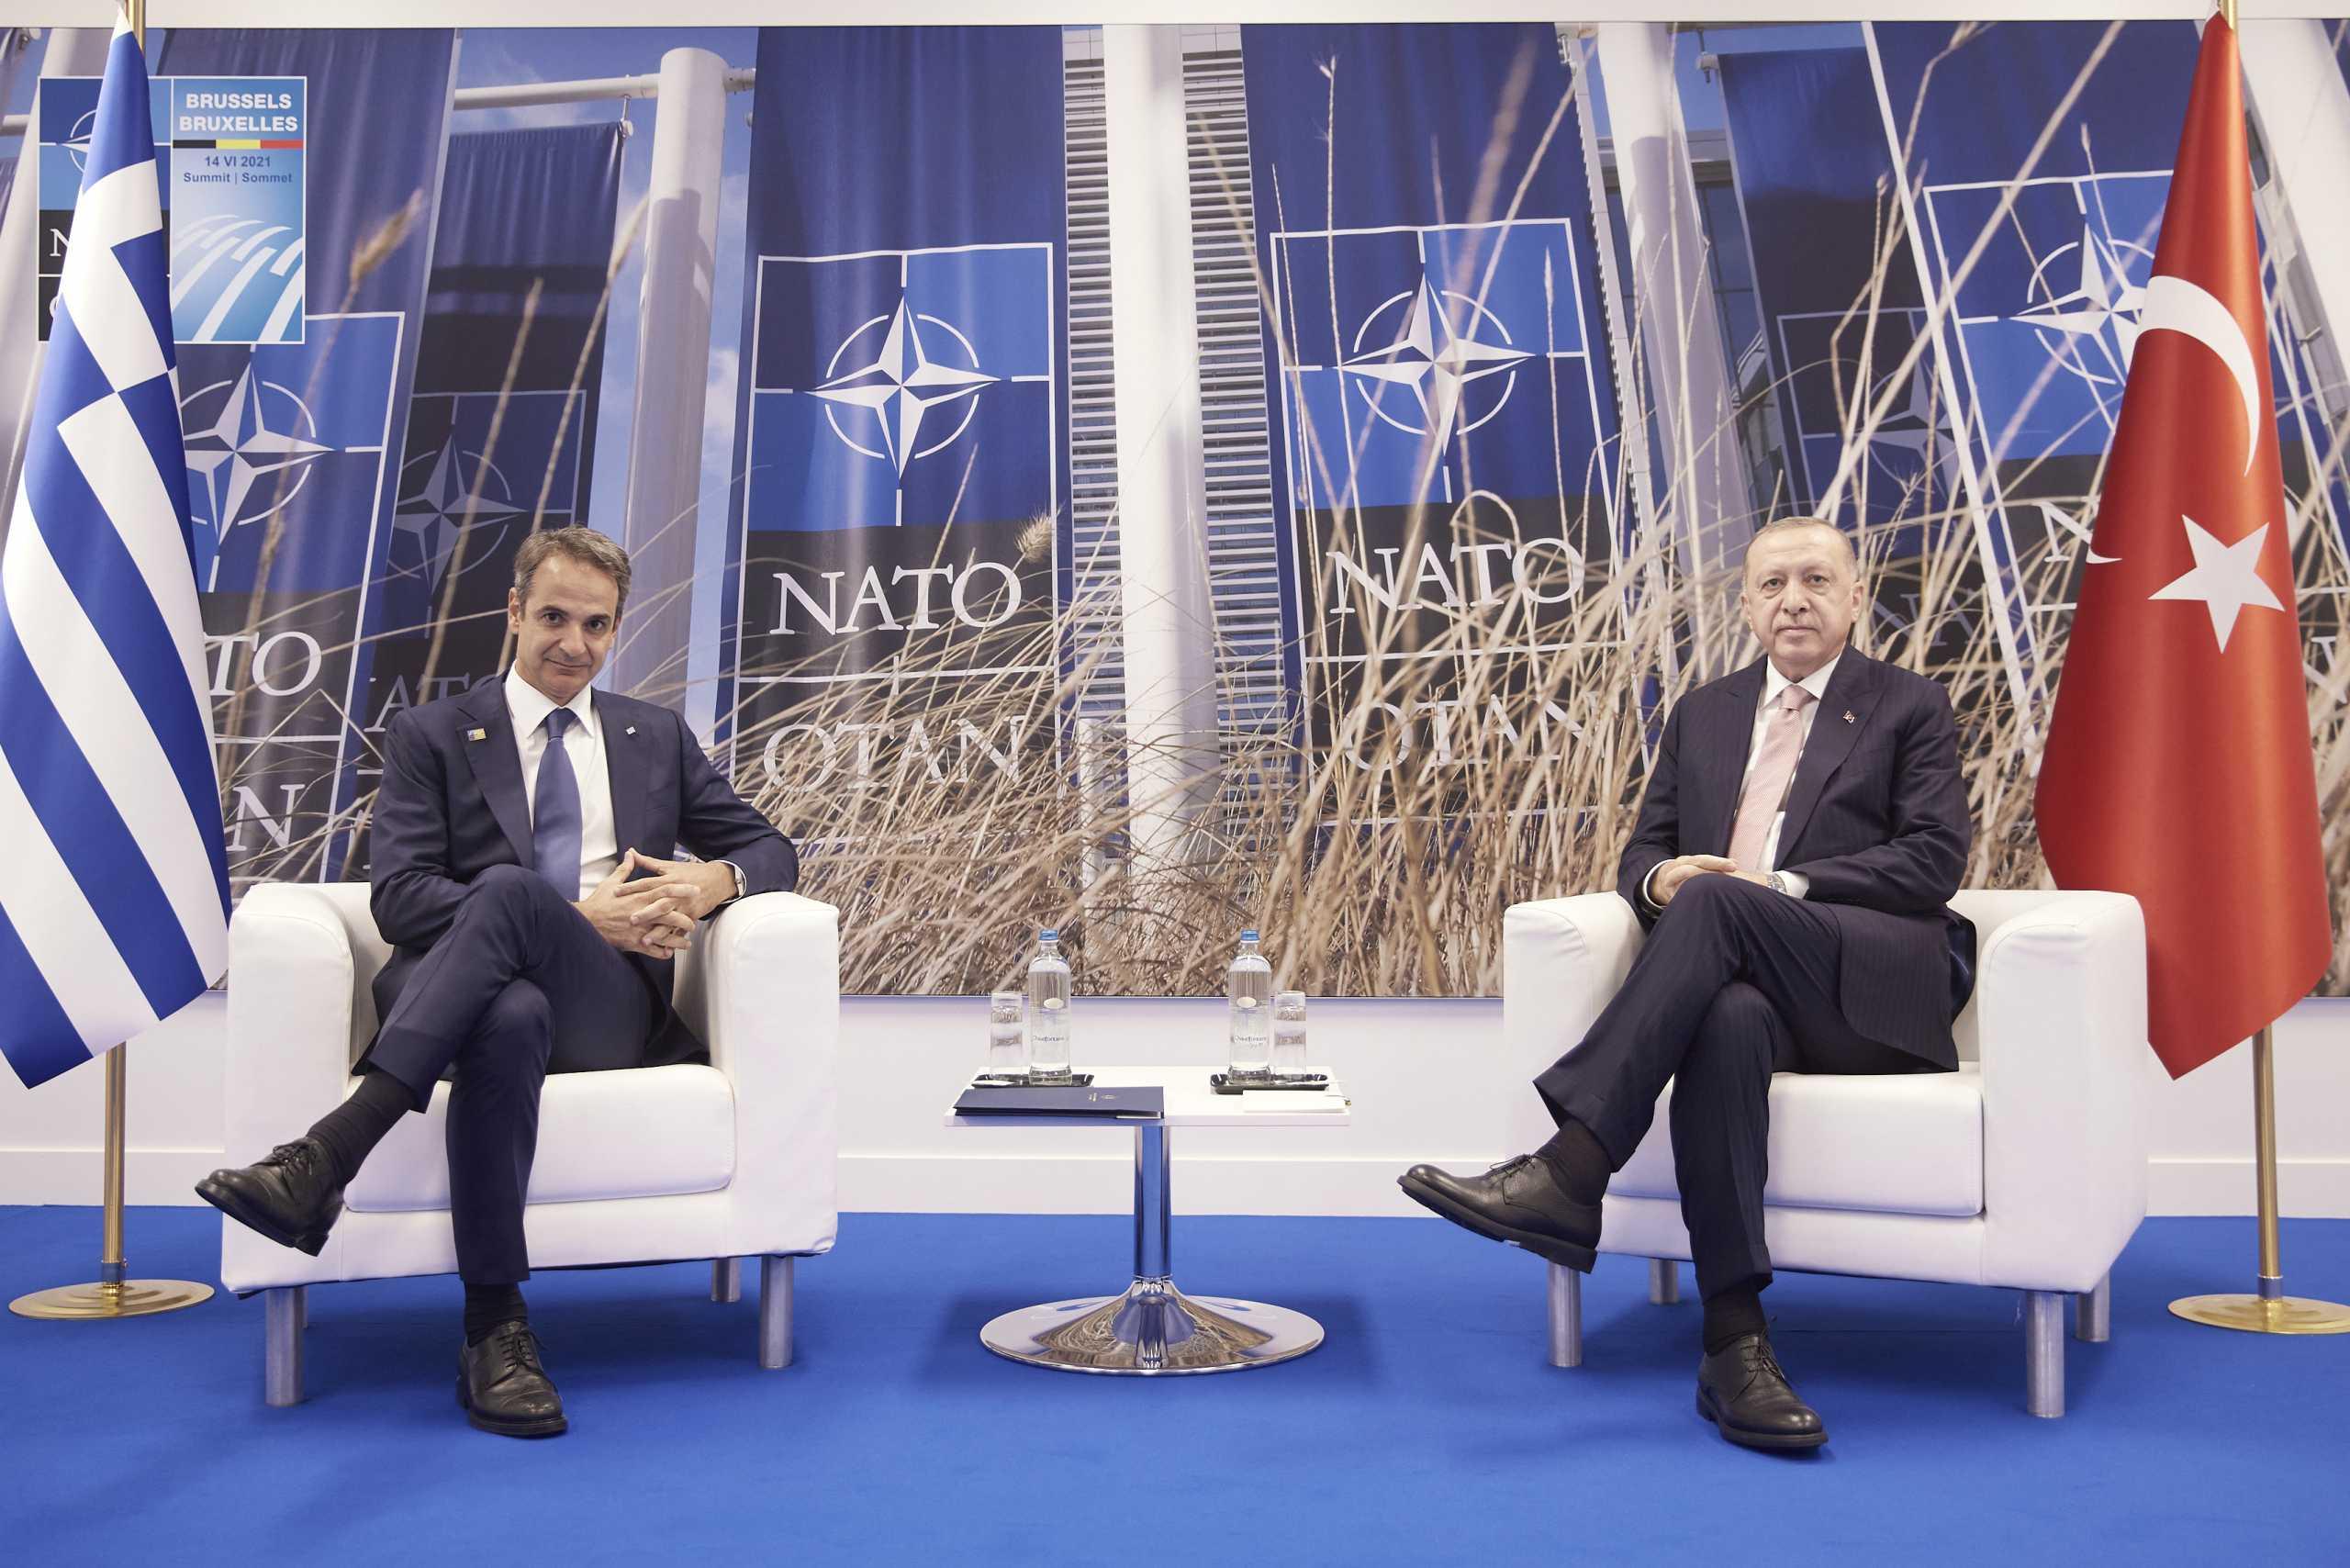 Ερντογάν για συνάντηση με Μητσοτάκη: Συμφωνήσαμε να εντείνουμε τις άμεσες επαφές μας